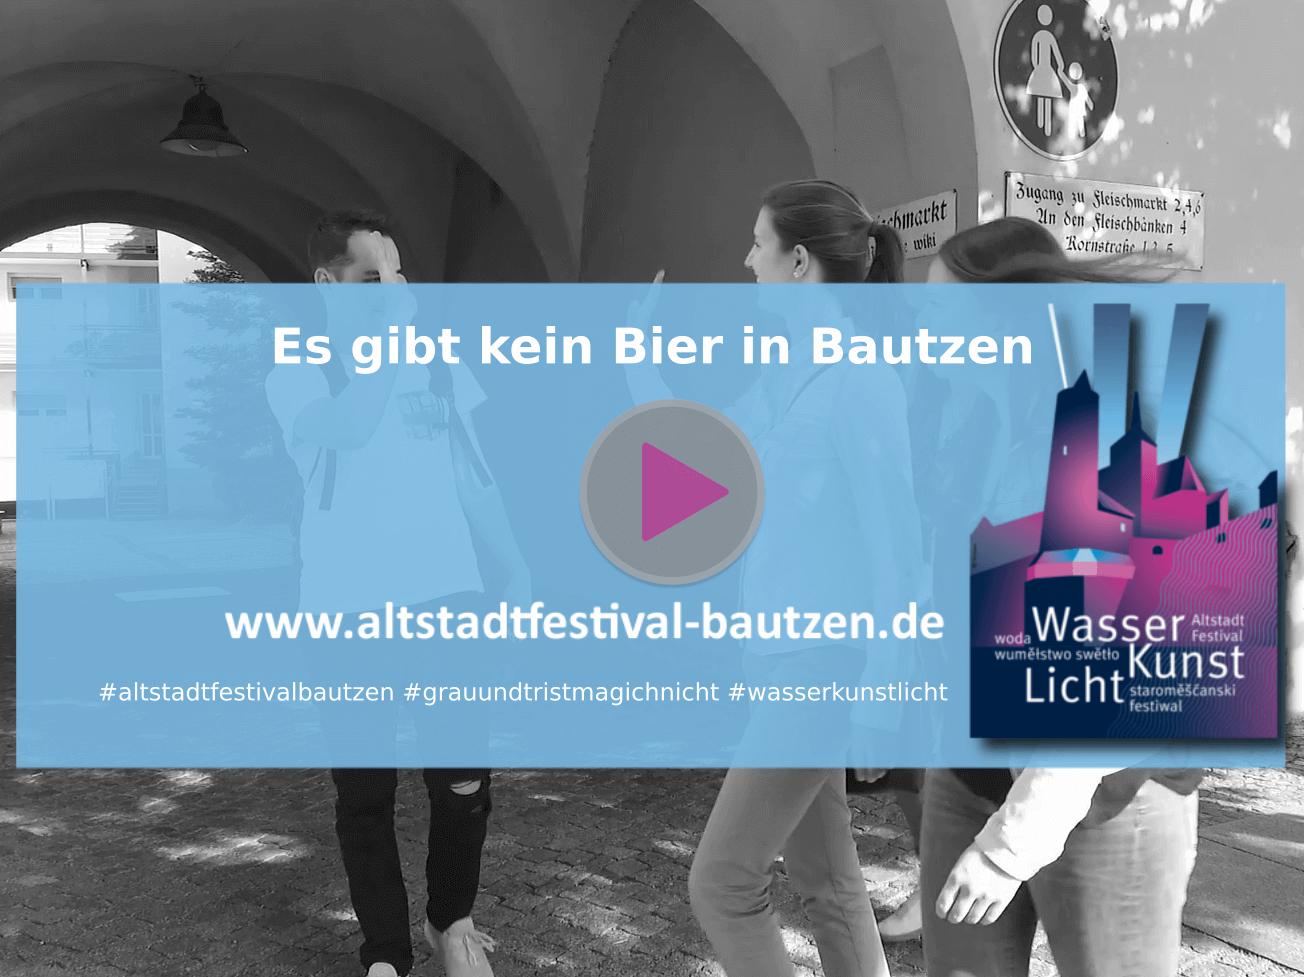 Altstadtfestival 2018 Es gibt kein Bier in Bautzen